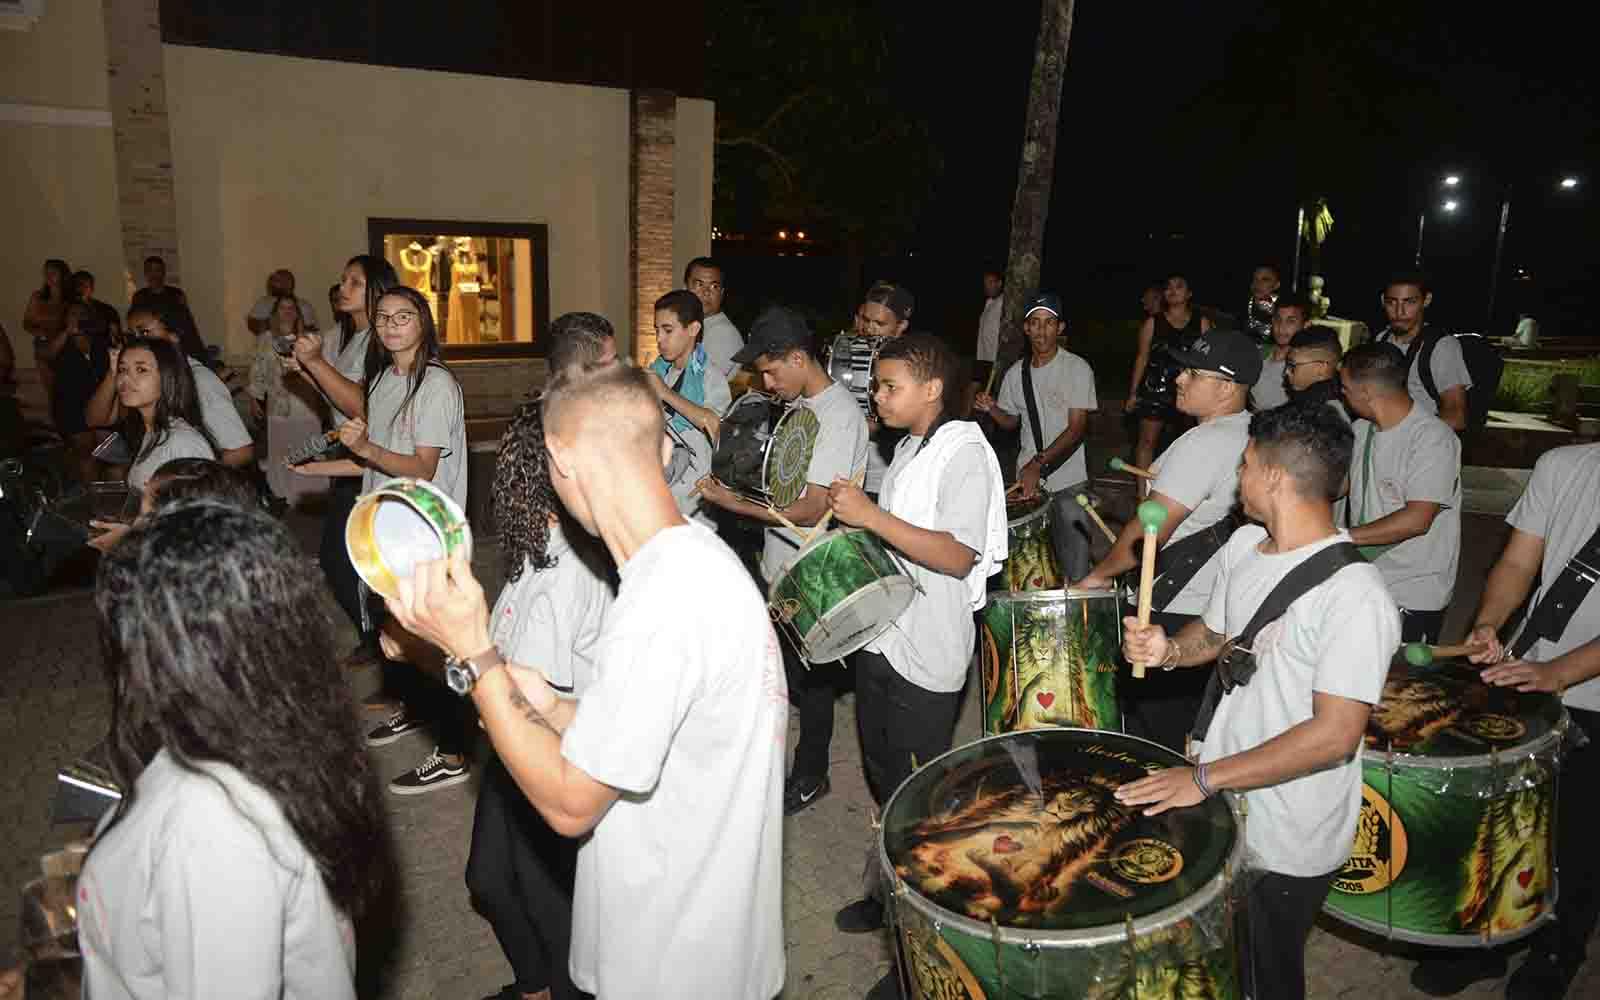 Escola de samba (Ronald Kraag) Mundial de Snipe 2019 - boat shopping